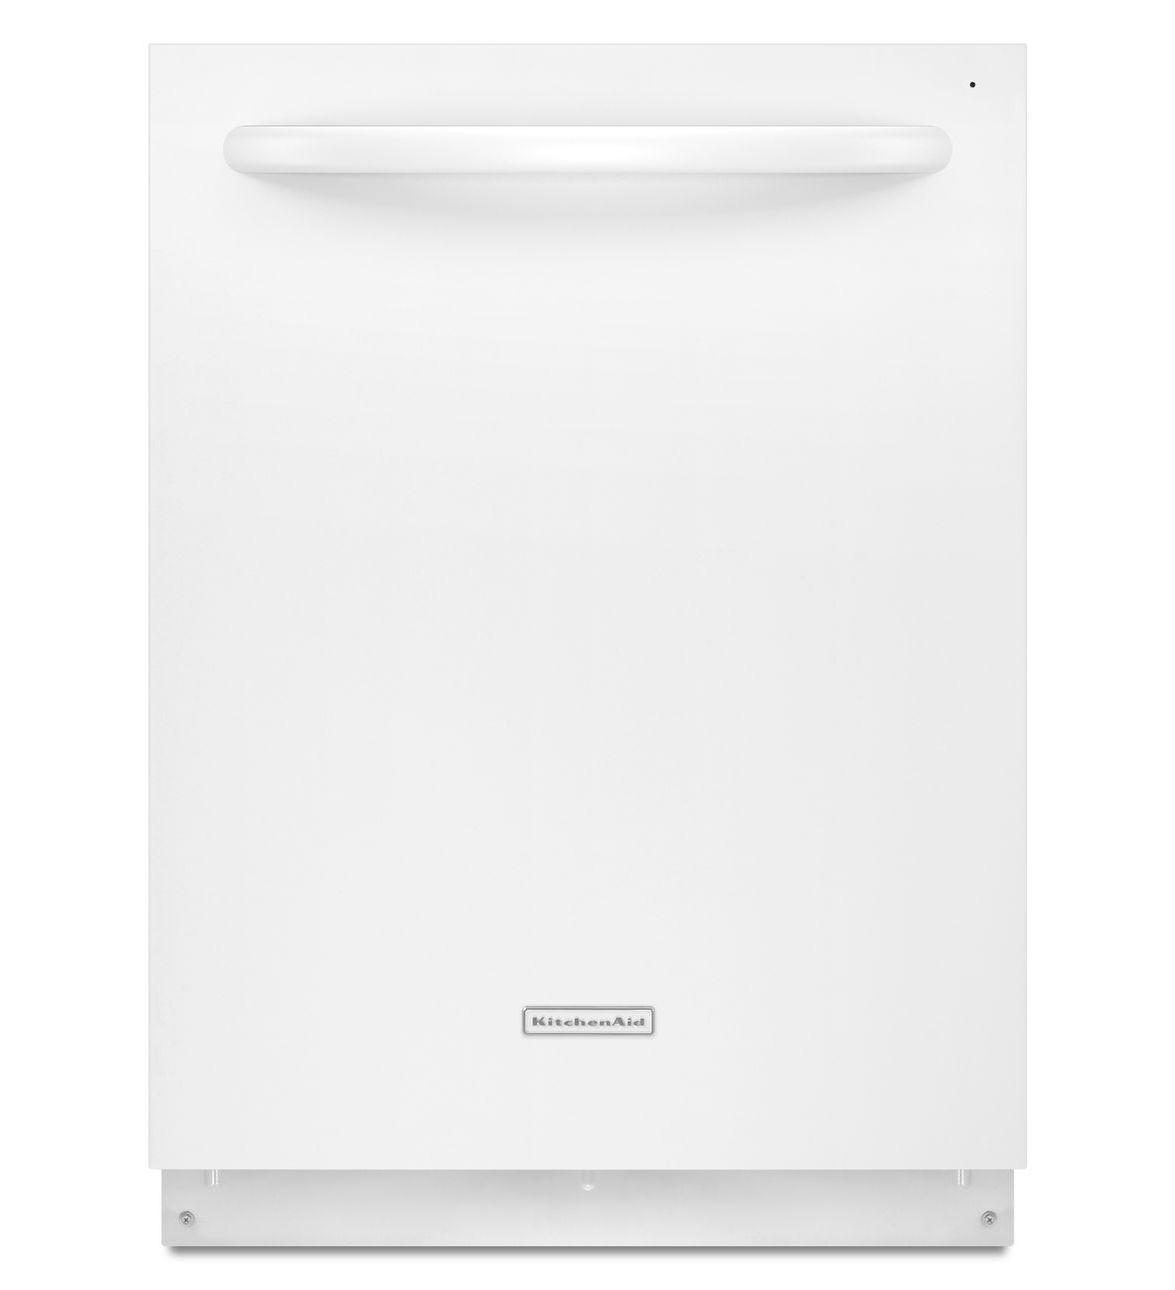 KitchenAid® 24-Inch 4-Cycle/6-Option Dishwasher, Architect